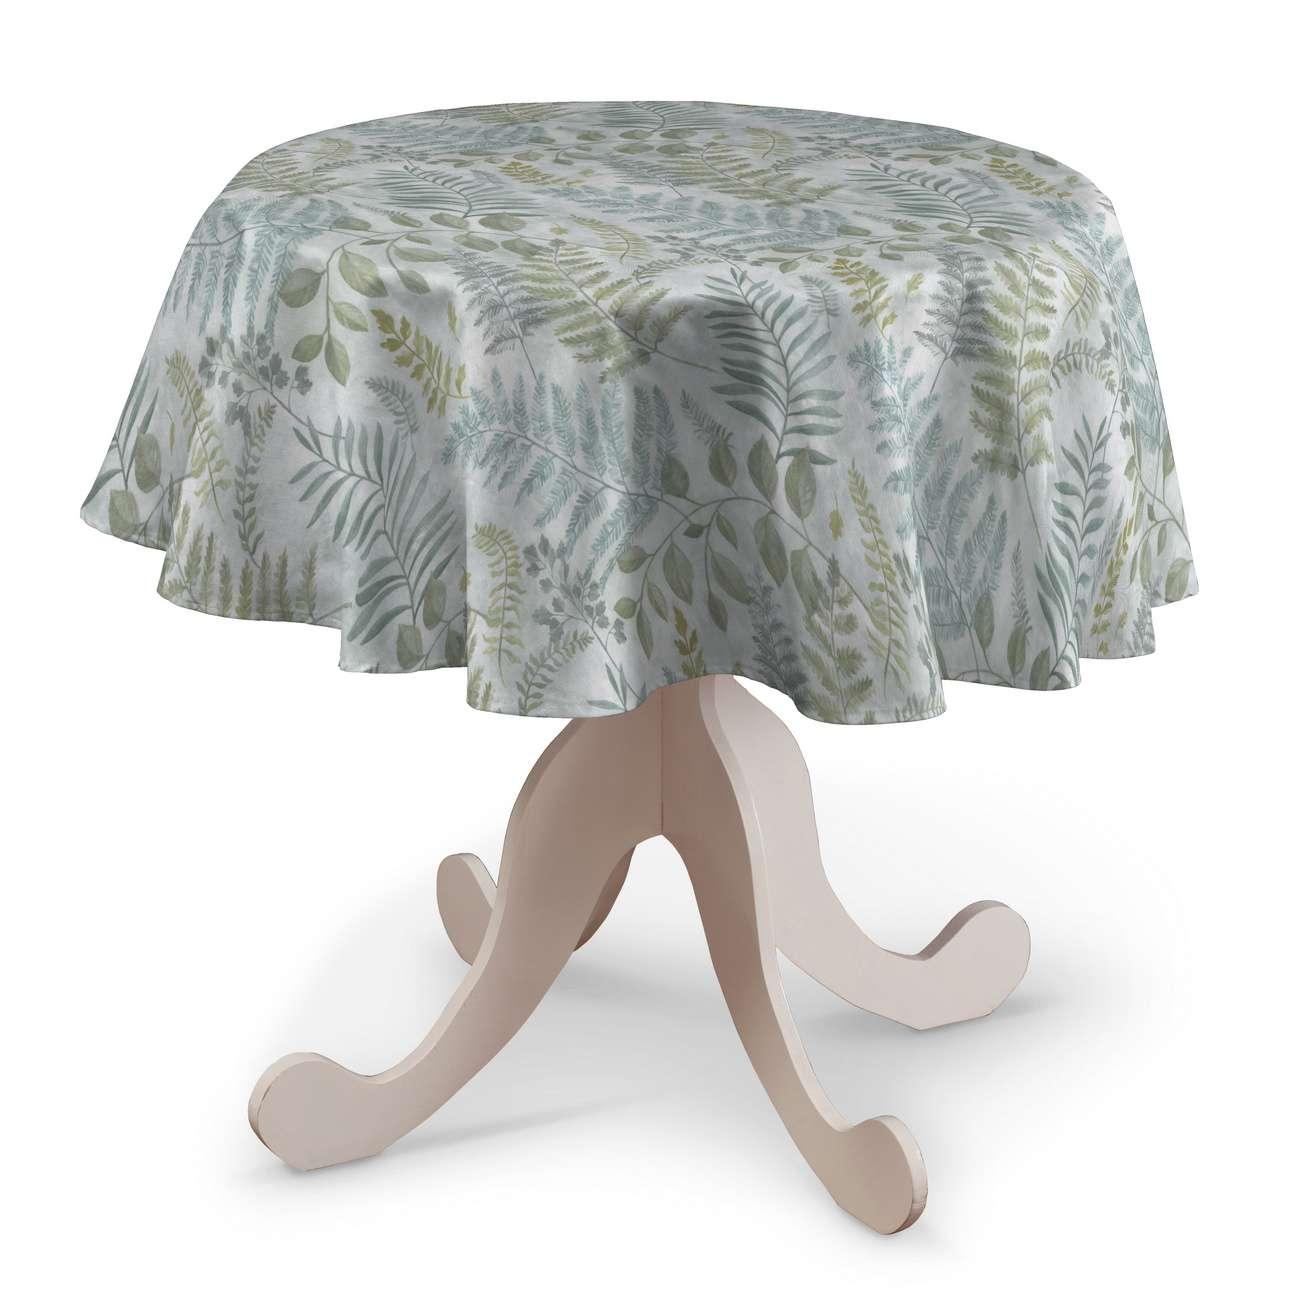 Staltiesės (apvaliam stalui) kolekcijoje Pastel Forest, audinys: 142-46